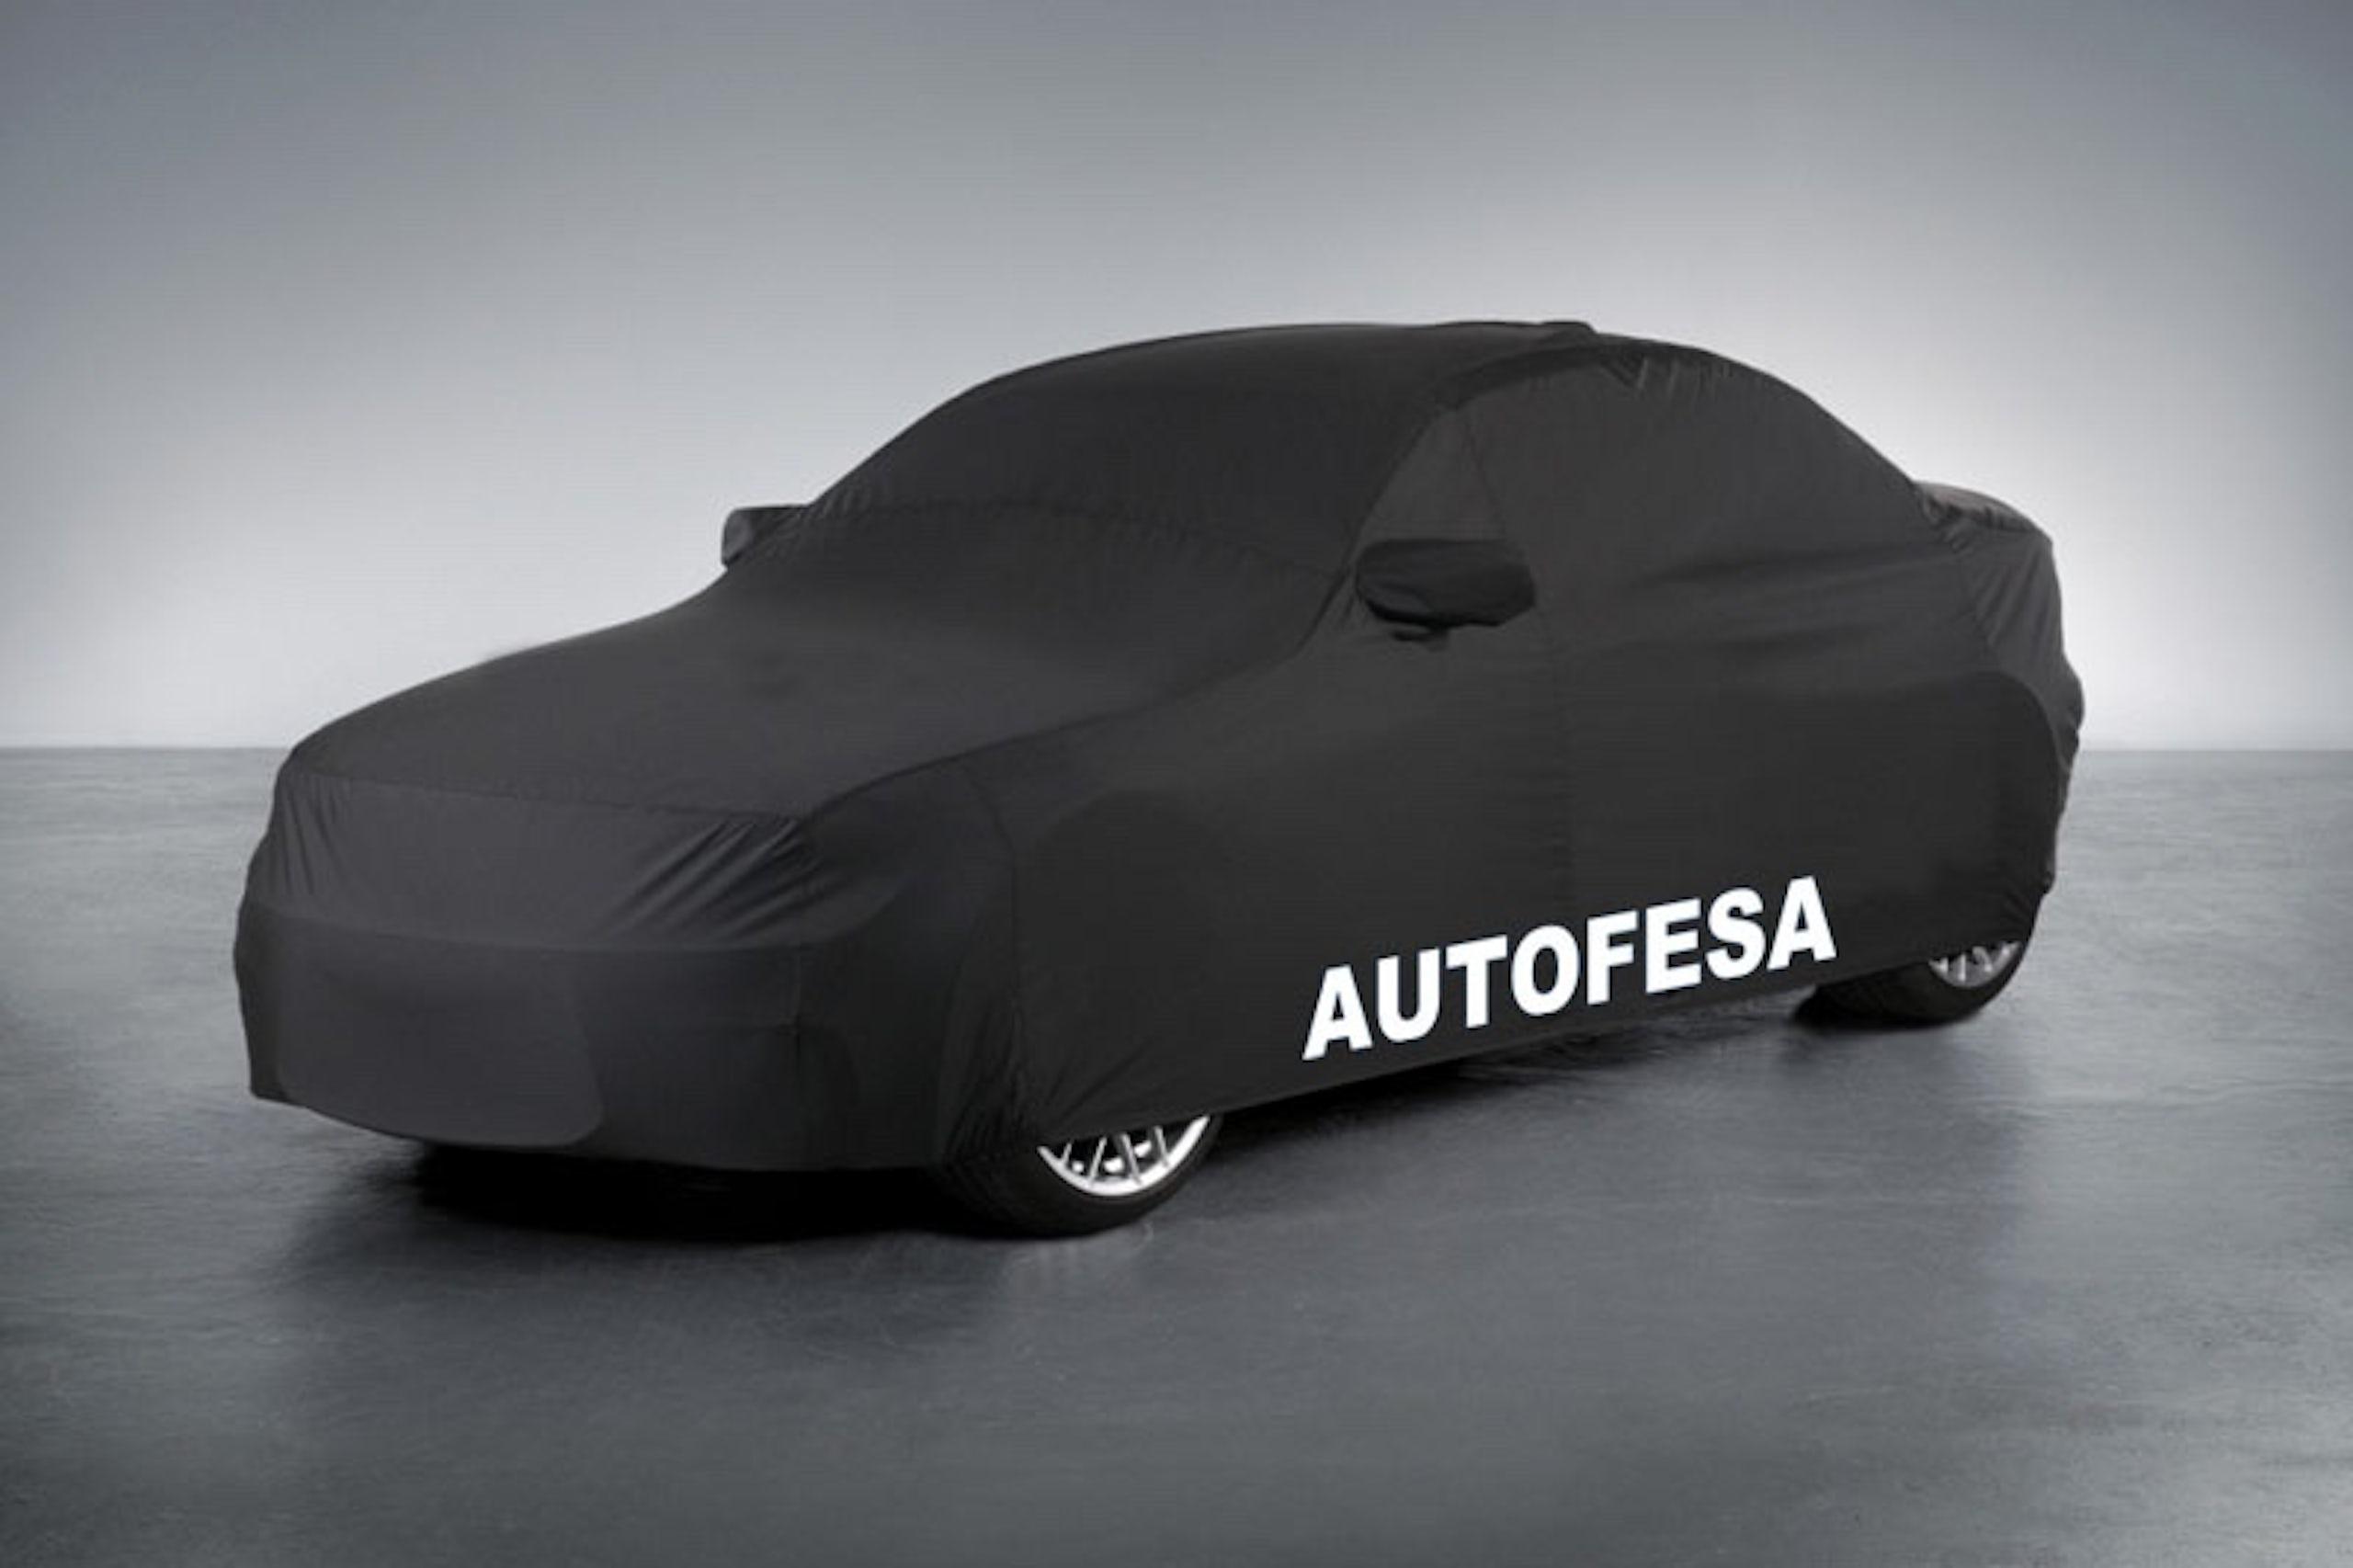 Audi Tts S Coupé 2.0 TFSI 245cv quattro S Line 3p S tronic Auto S/S - Foto 9